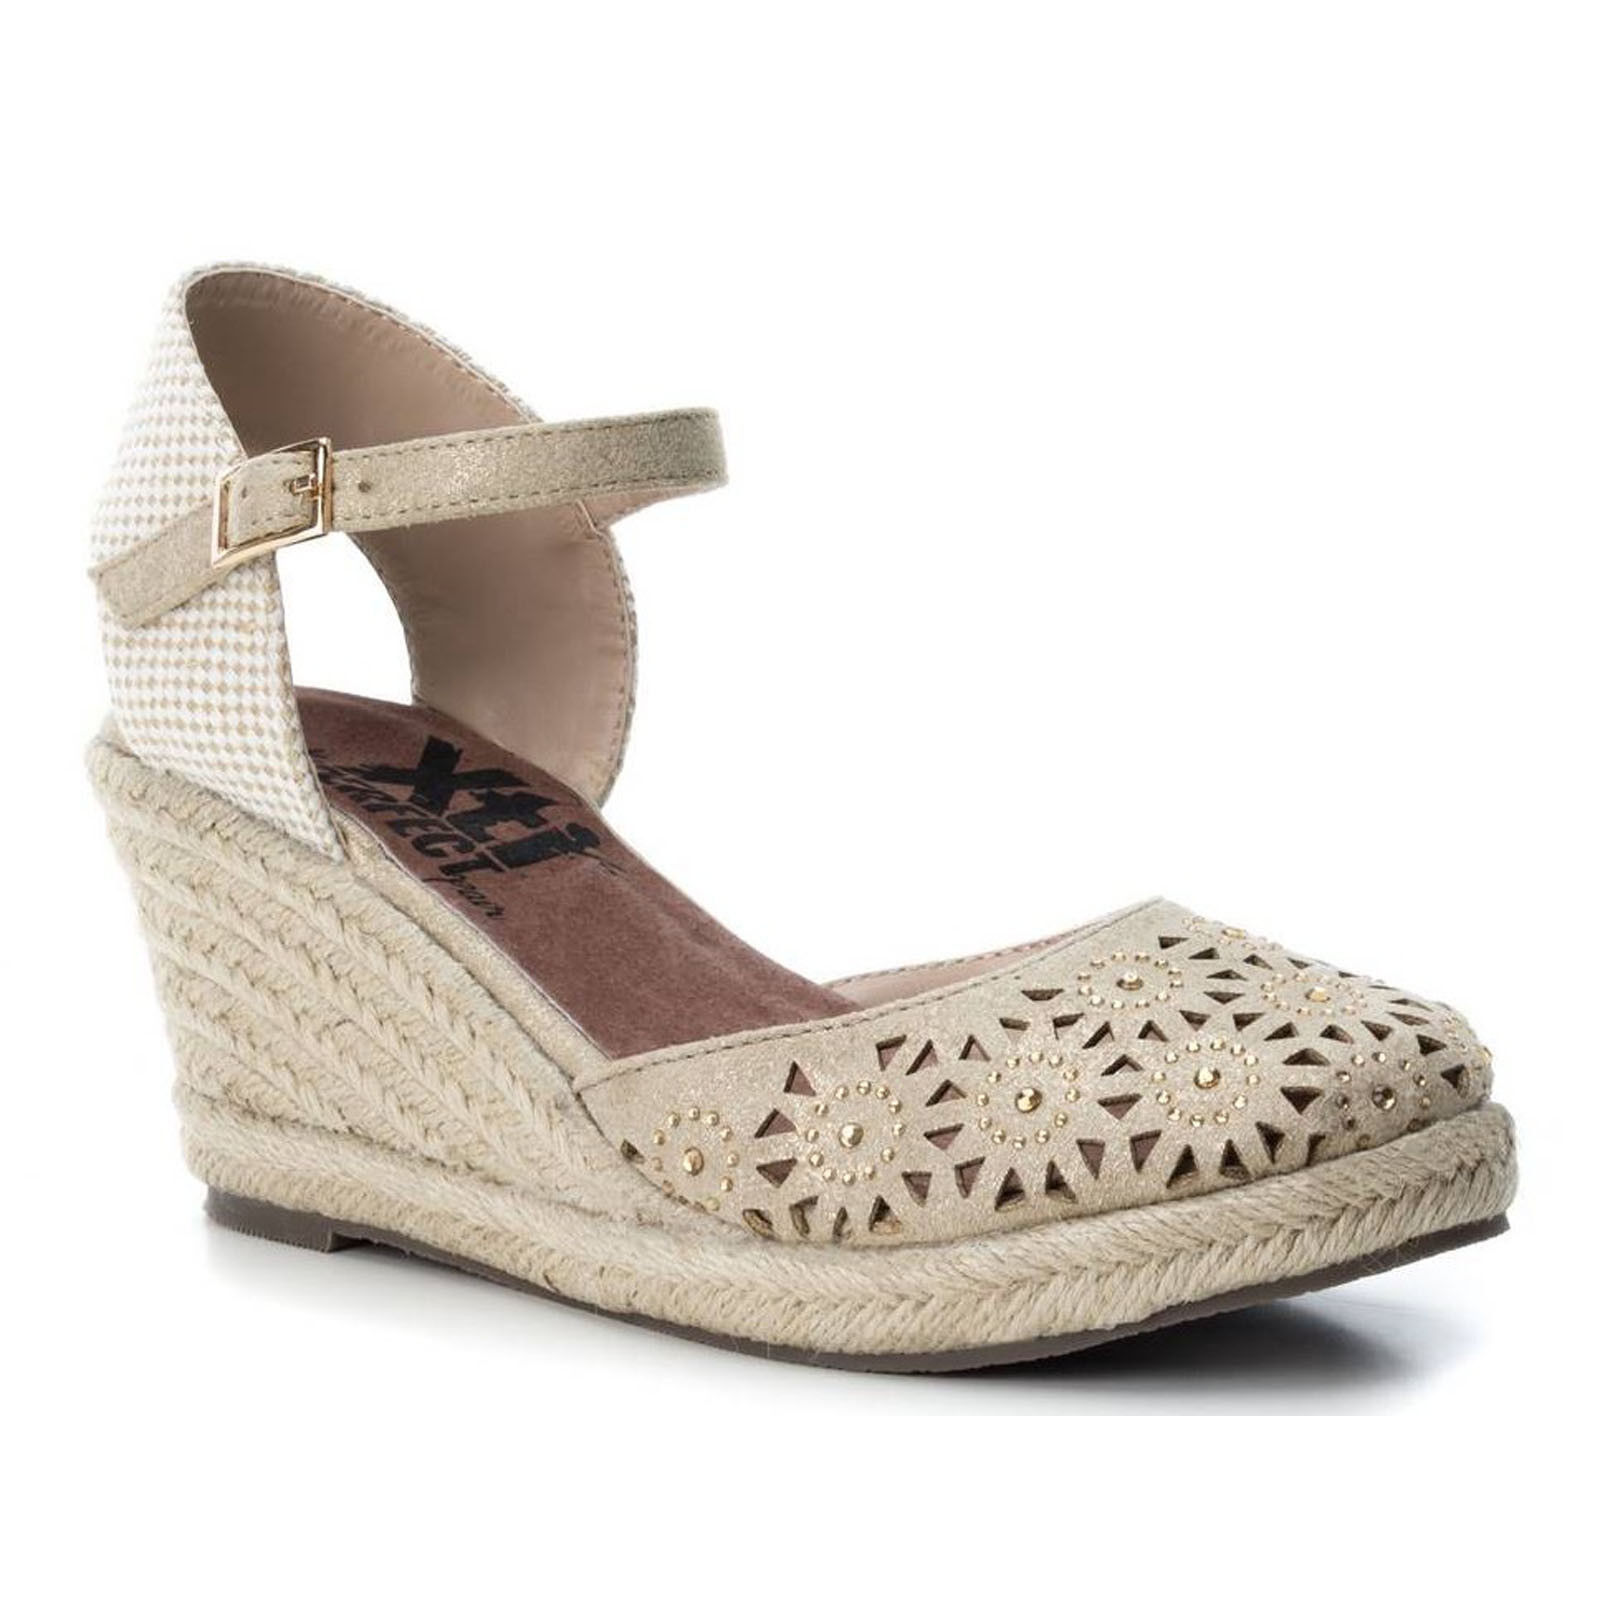 ☼ELEN☼ Sandale compensées - Xti -  Ref: 0961